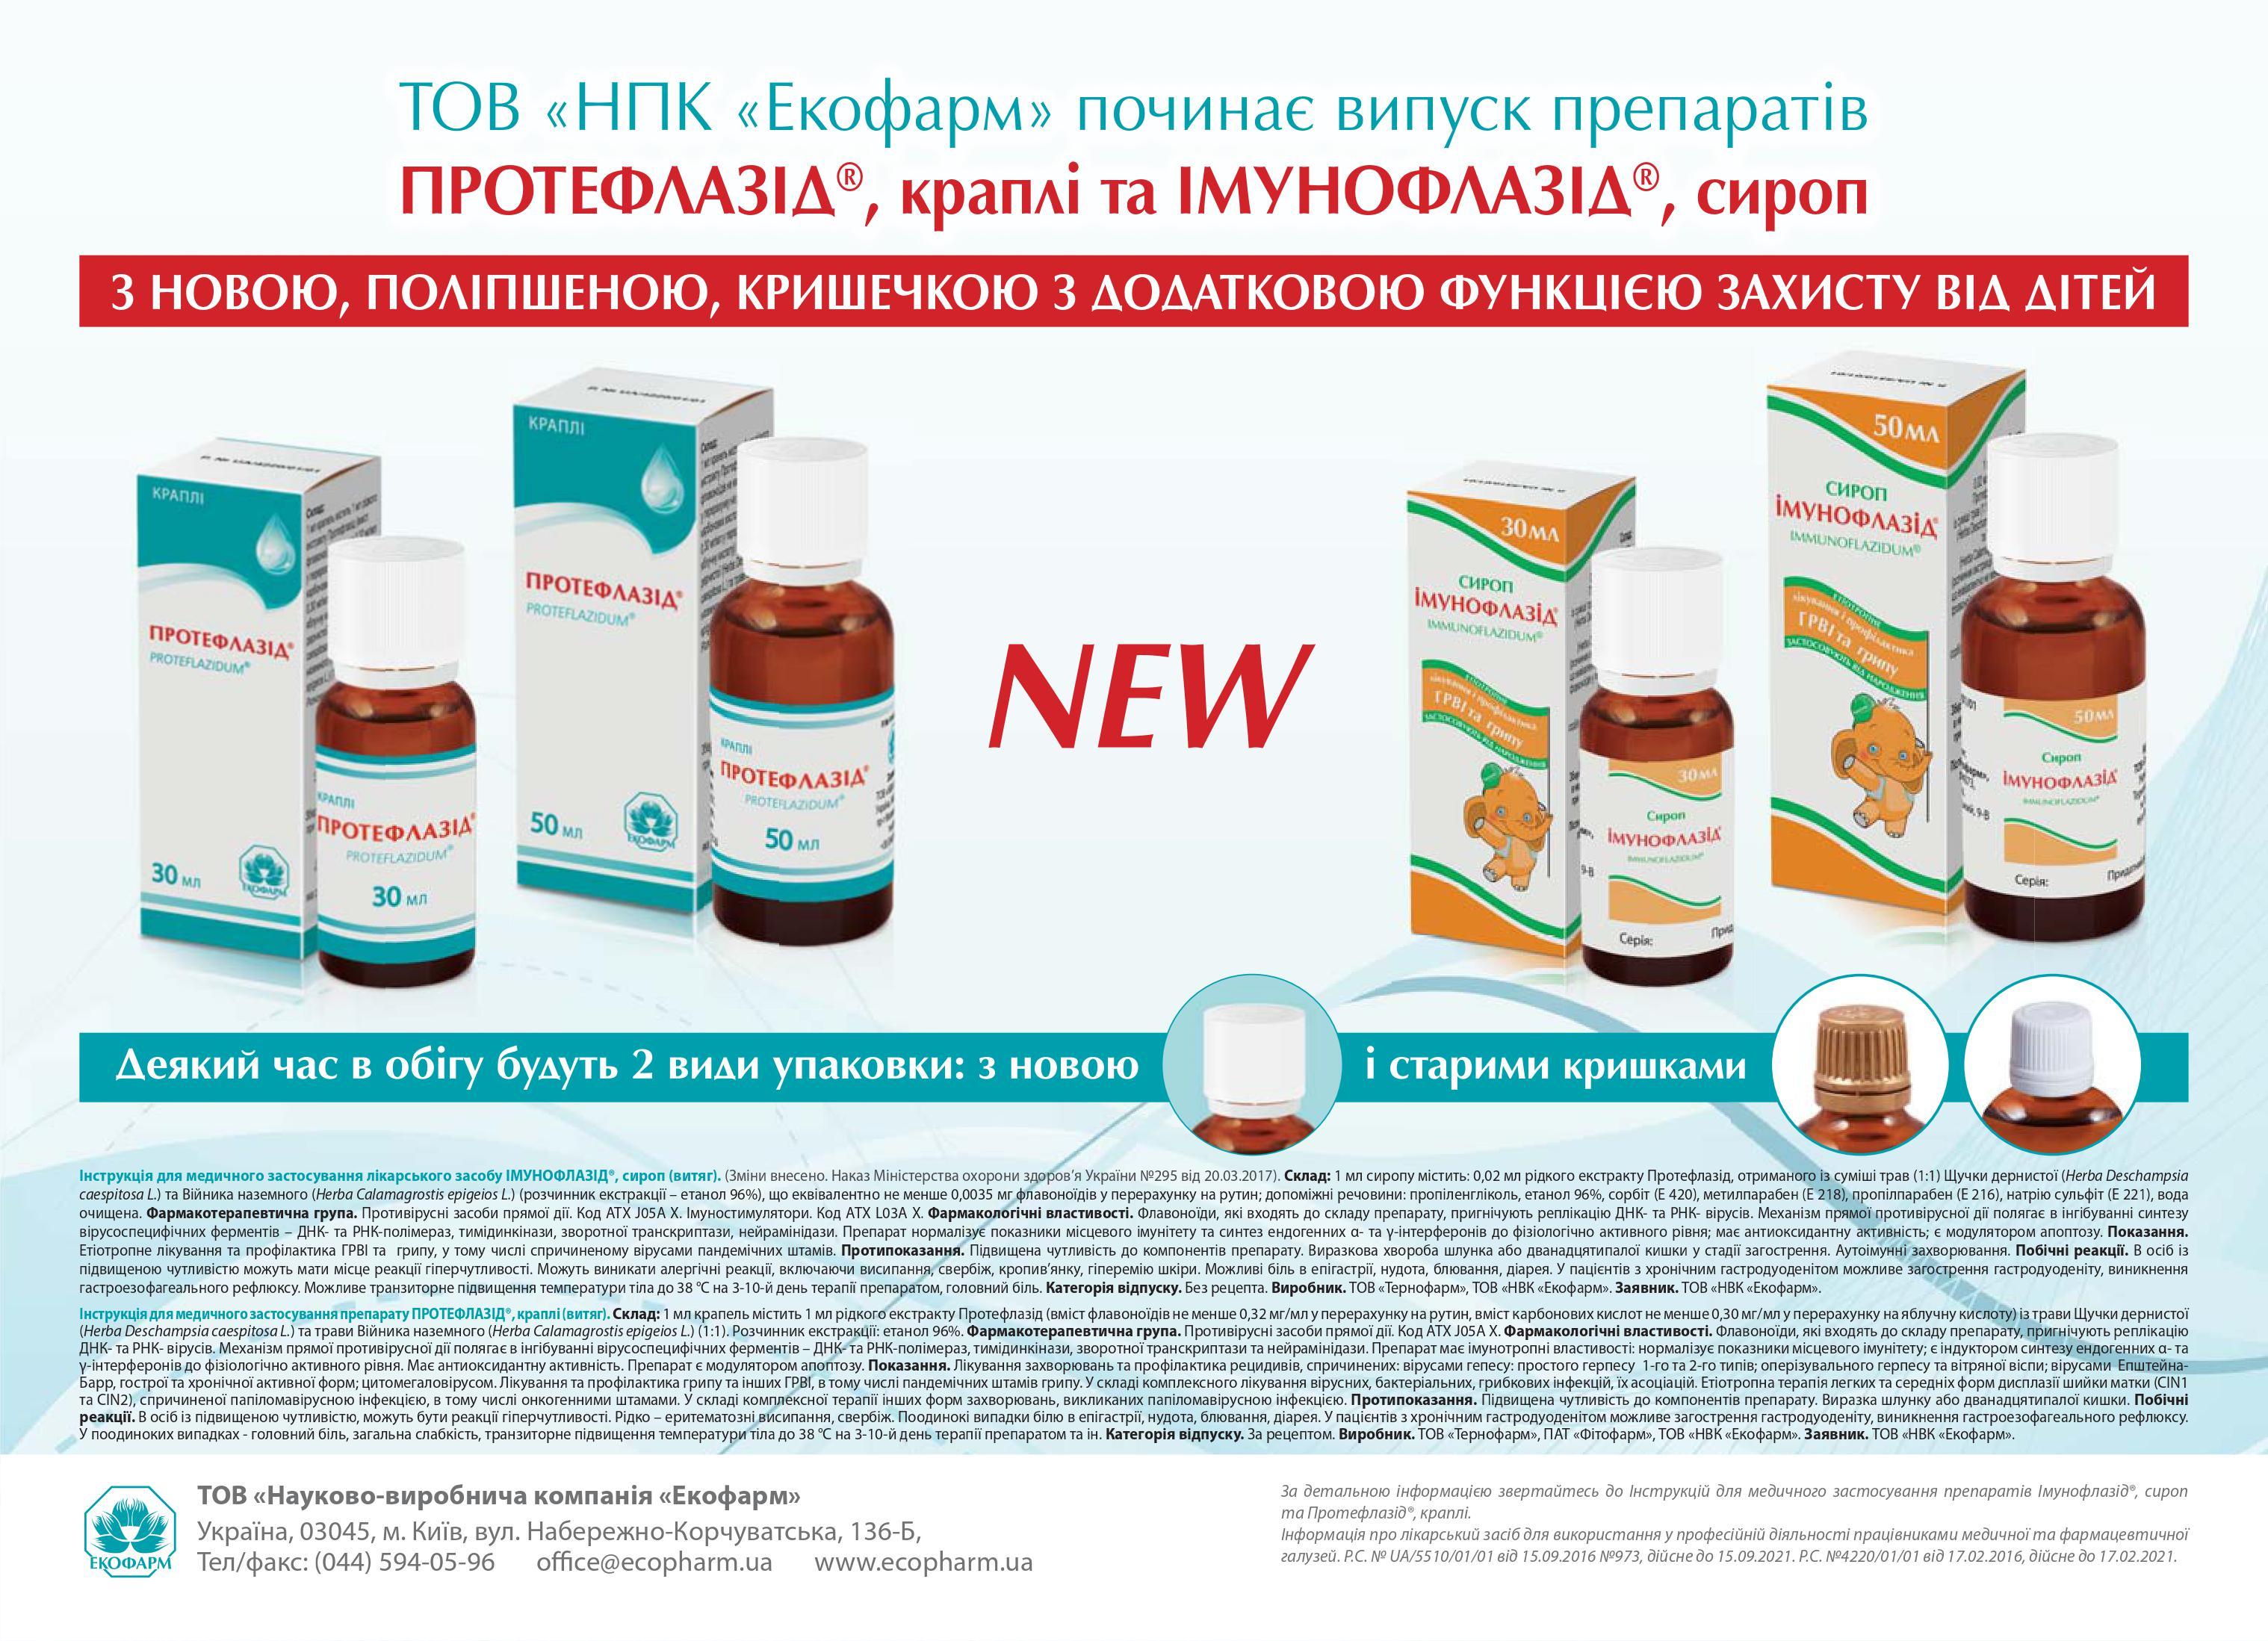 Компания ООО «НПК «Экофарм» улучшила упаковки препаратов